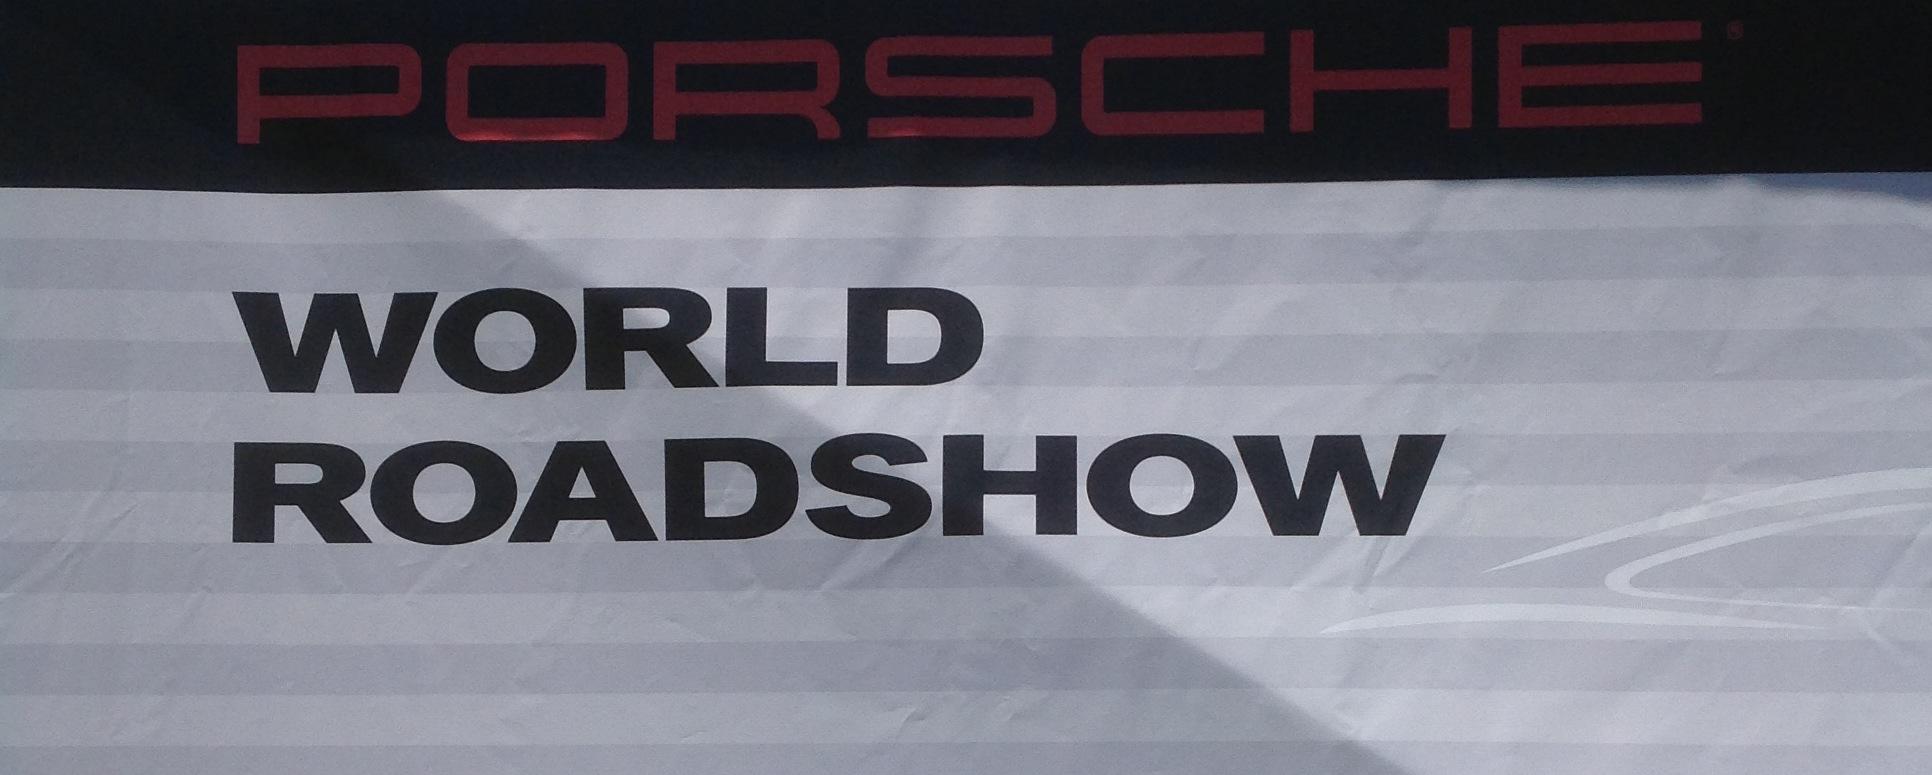 Porsche World Roadshow Banner